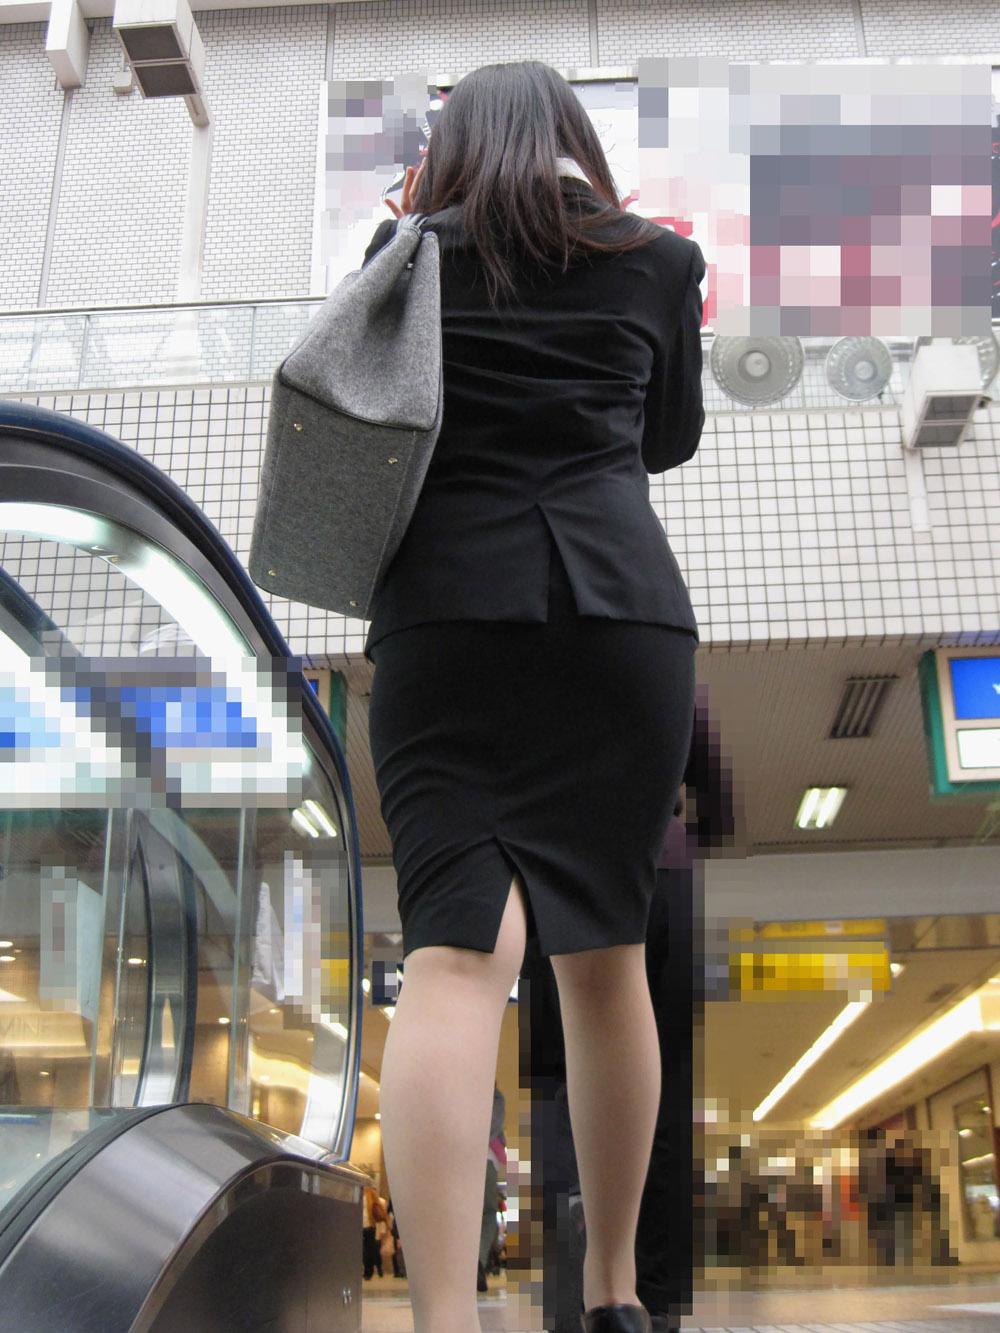 上京就活の前にリクスーOLが駅のホームで佇むエロ画像4枚目